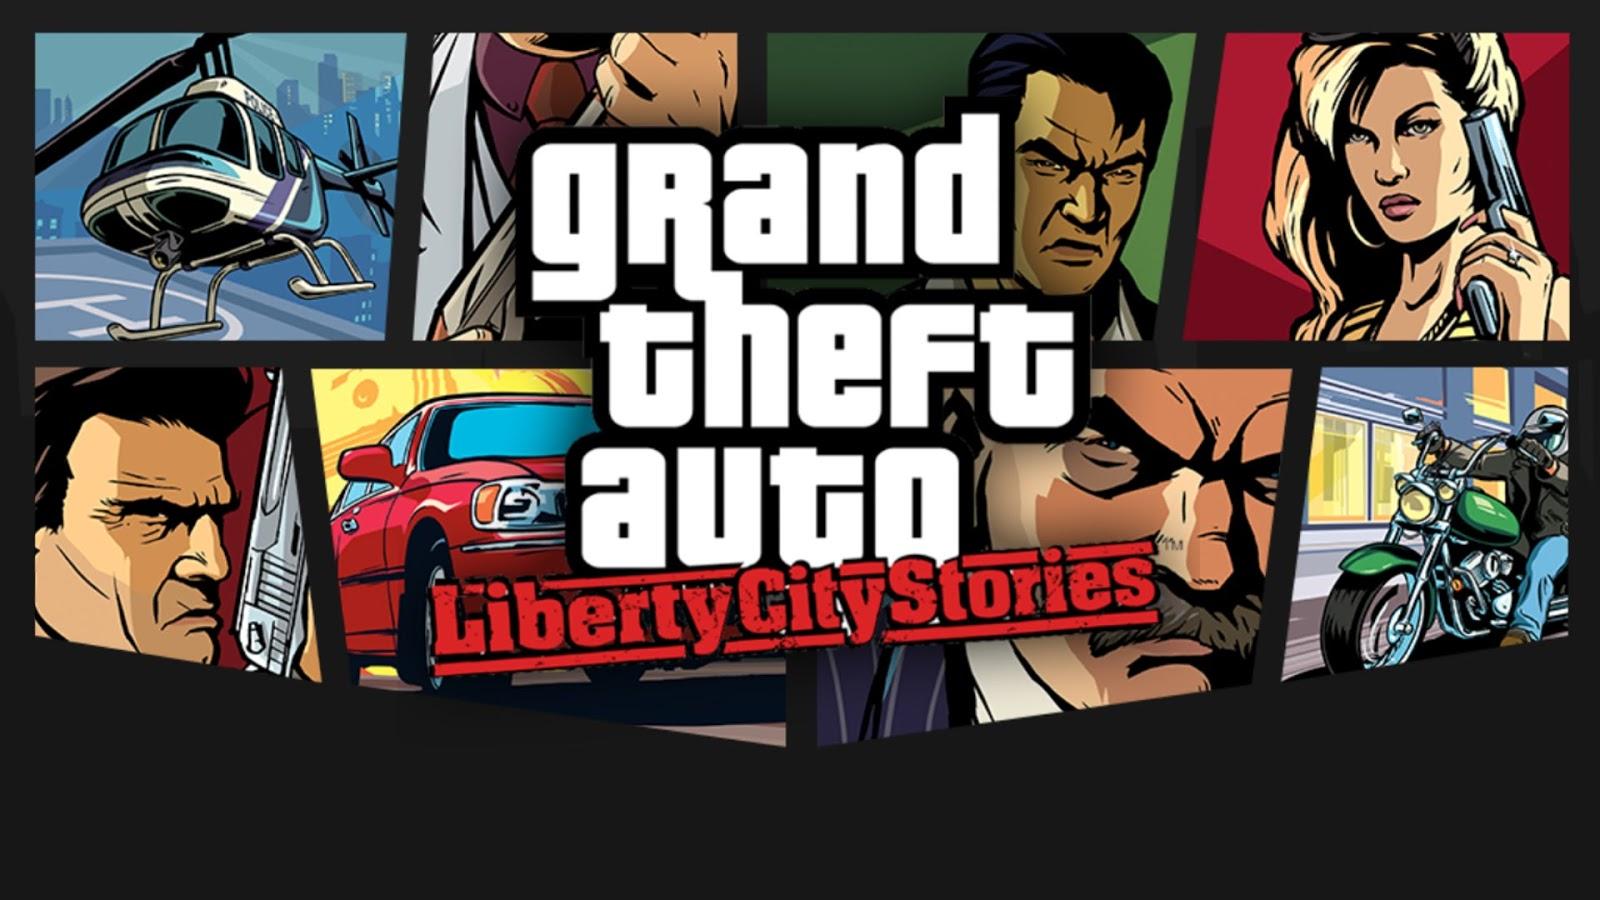 لعبة gta liberty city stories للكمبيوتر من ميديا فاير